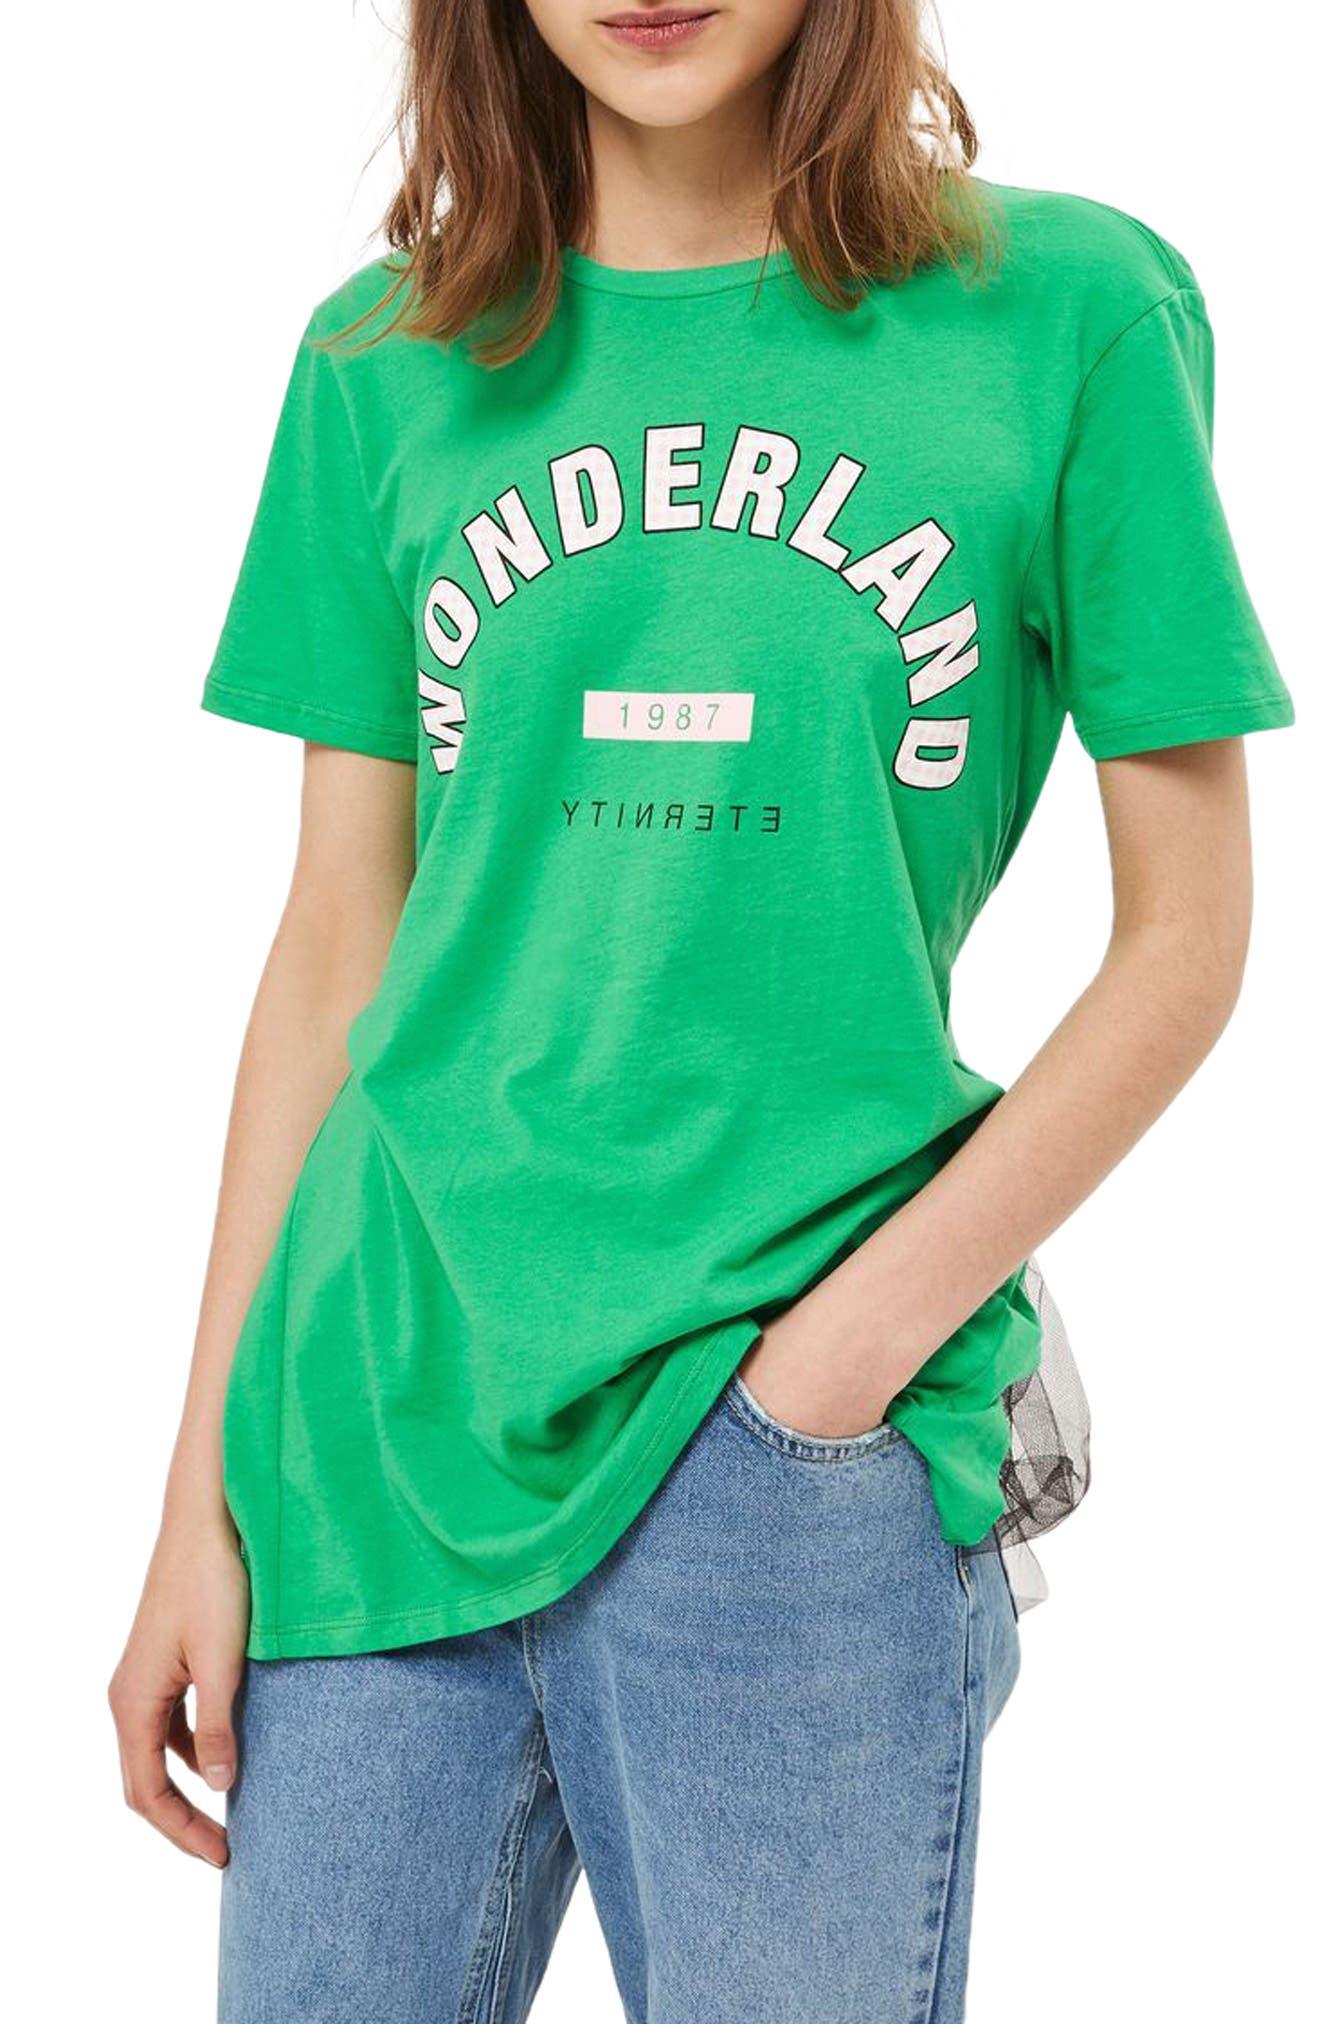 Topshop Wonderland Tulle Back T-Shirt